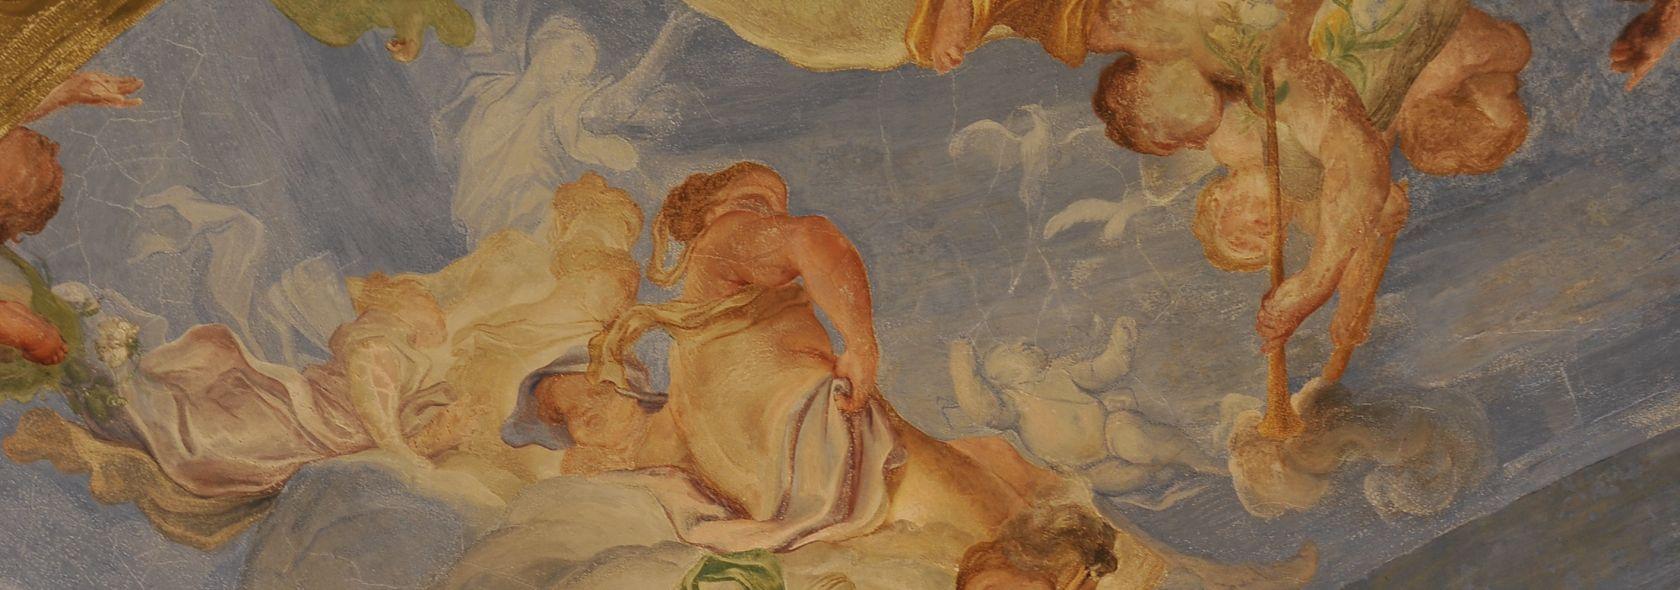 Gregorio de Ferrari - particolare della Sala della primavera - ©Studio Leoni